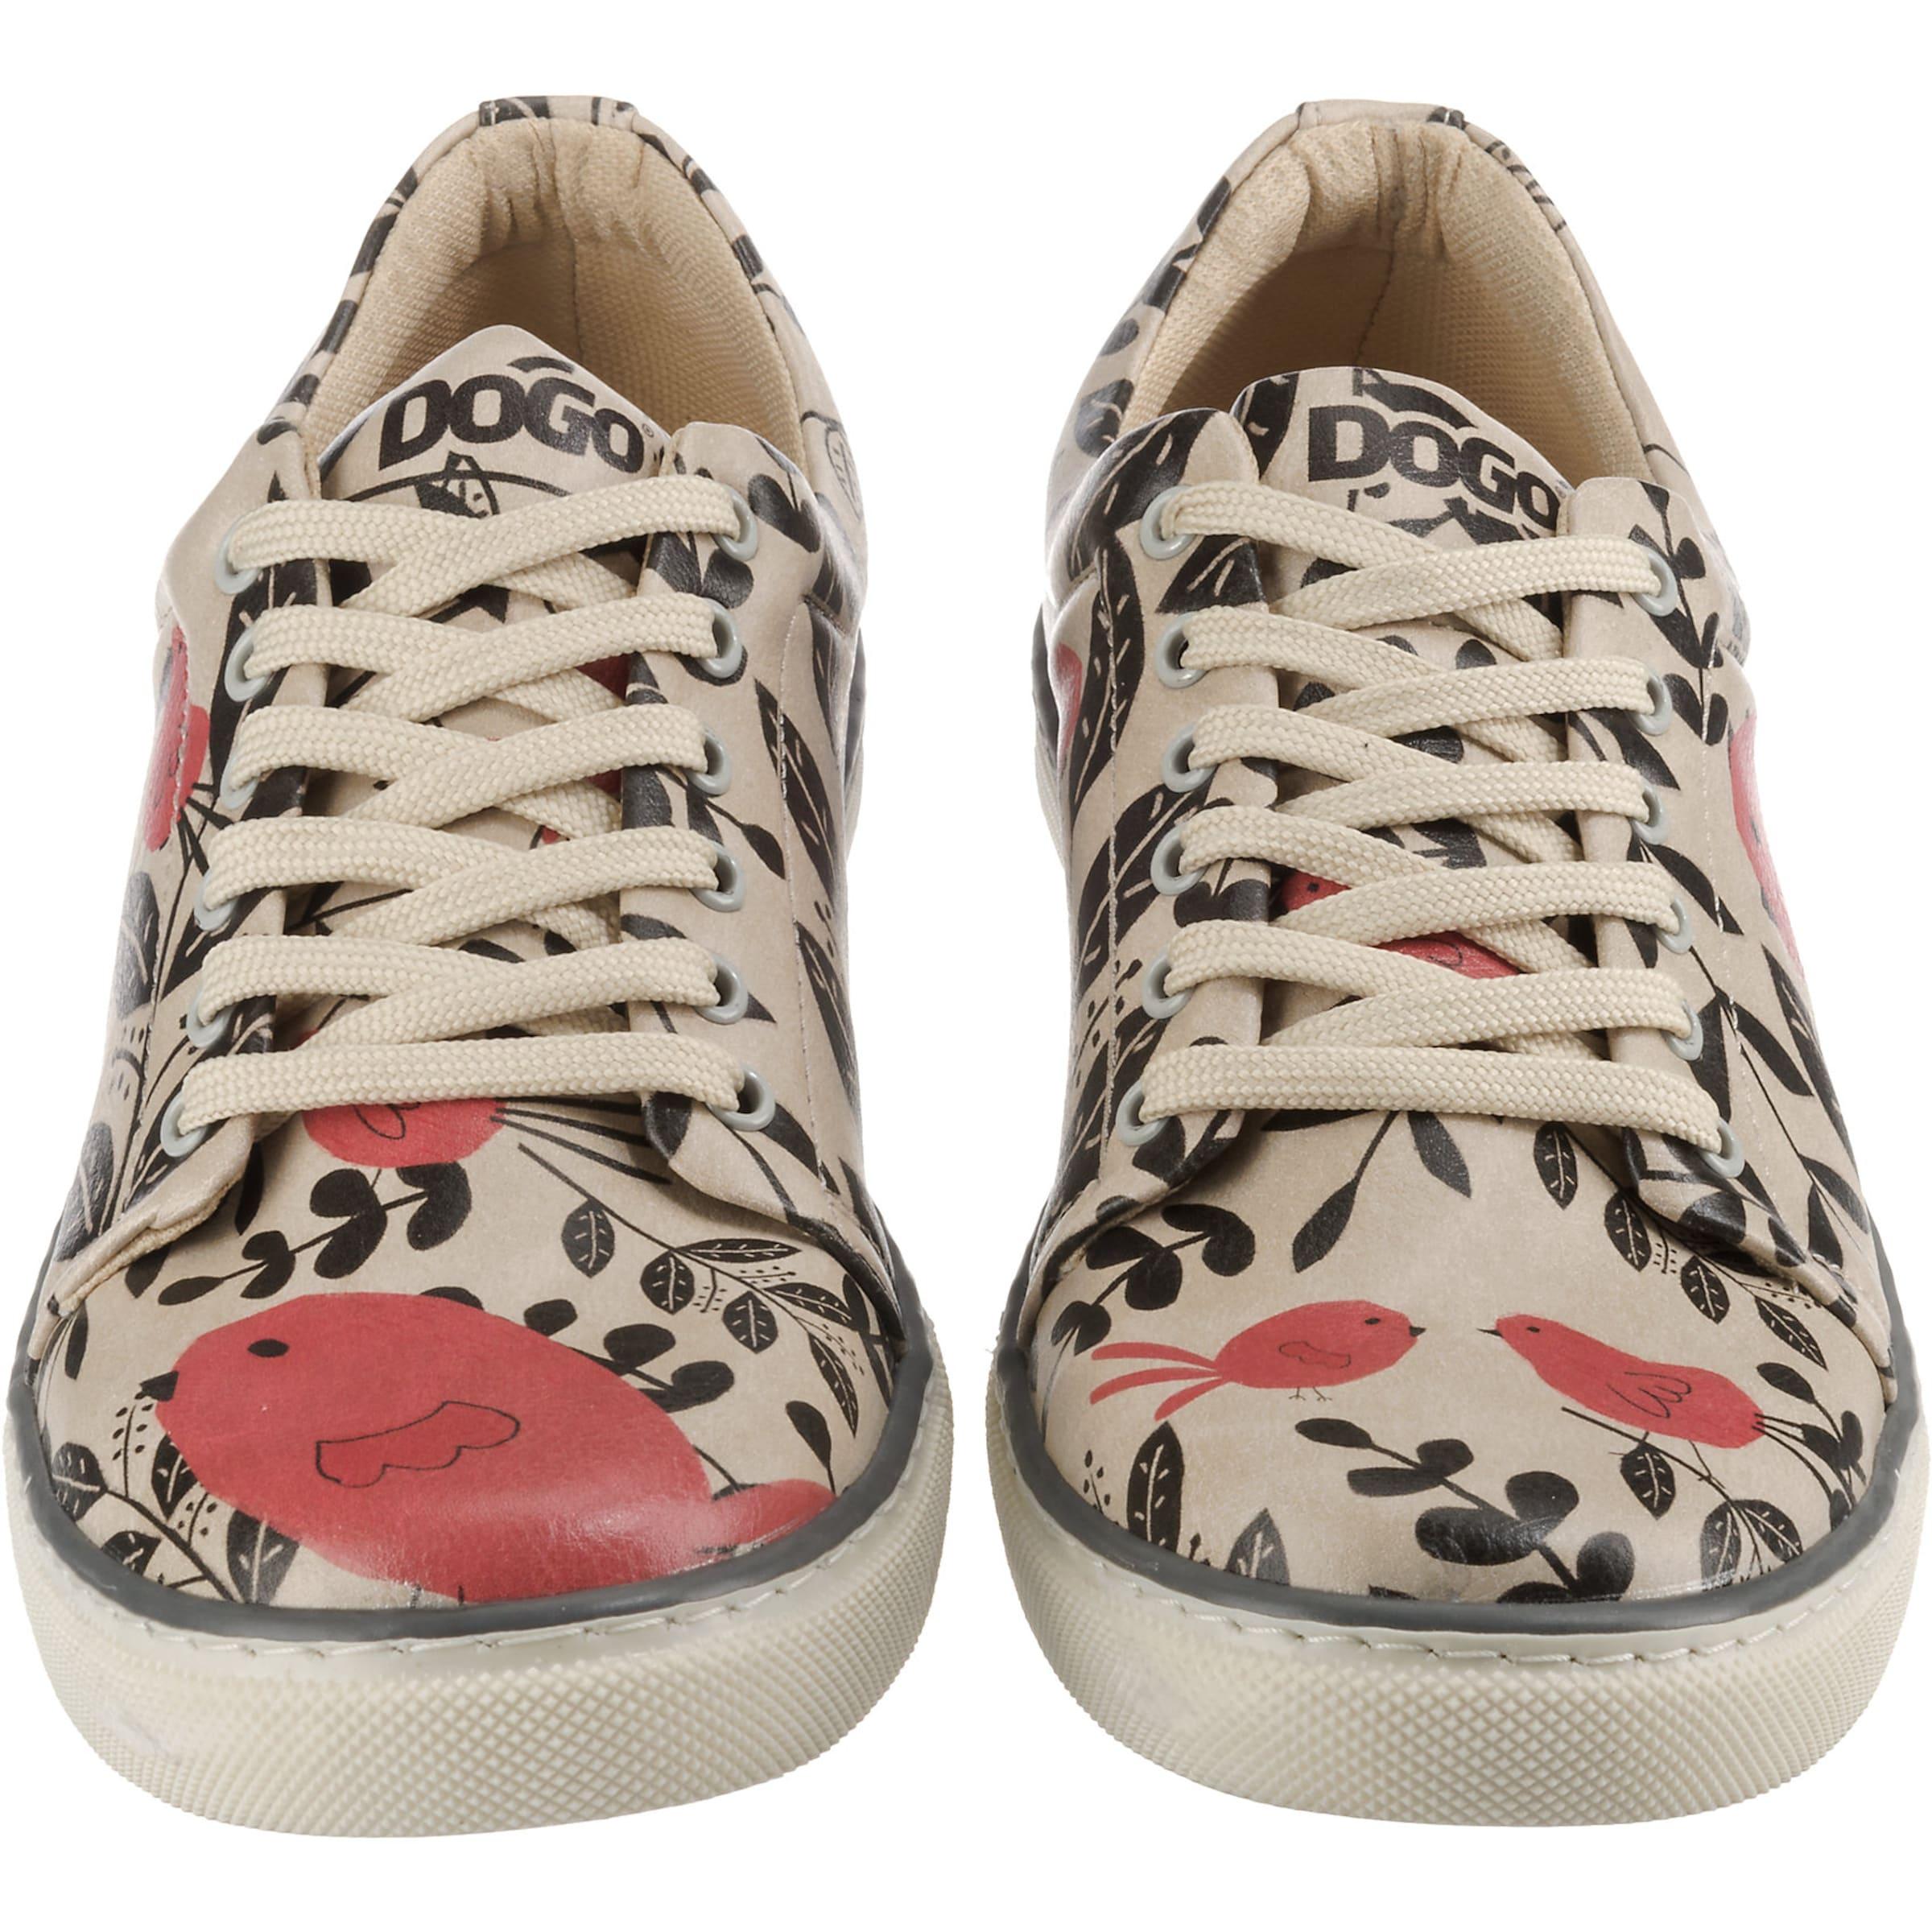 Hellbeige 'if Sneakers Fell' Low I In Dogo b76yvYfg